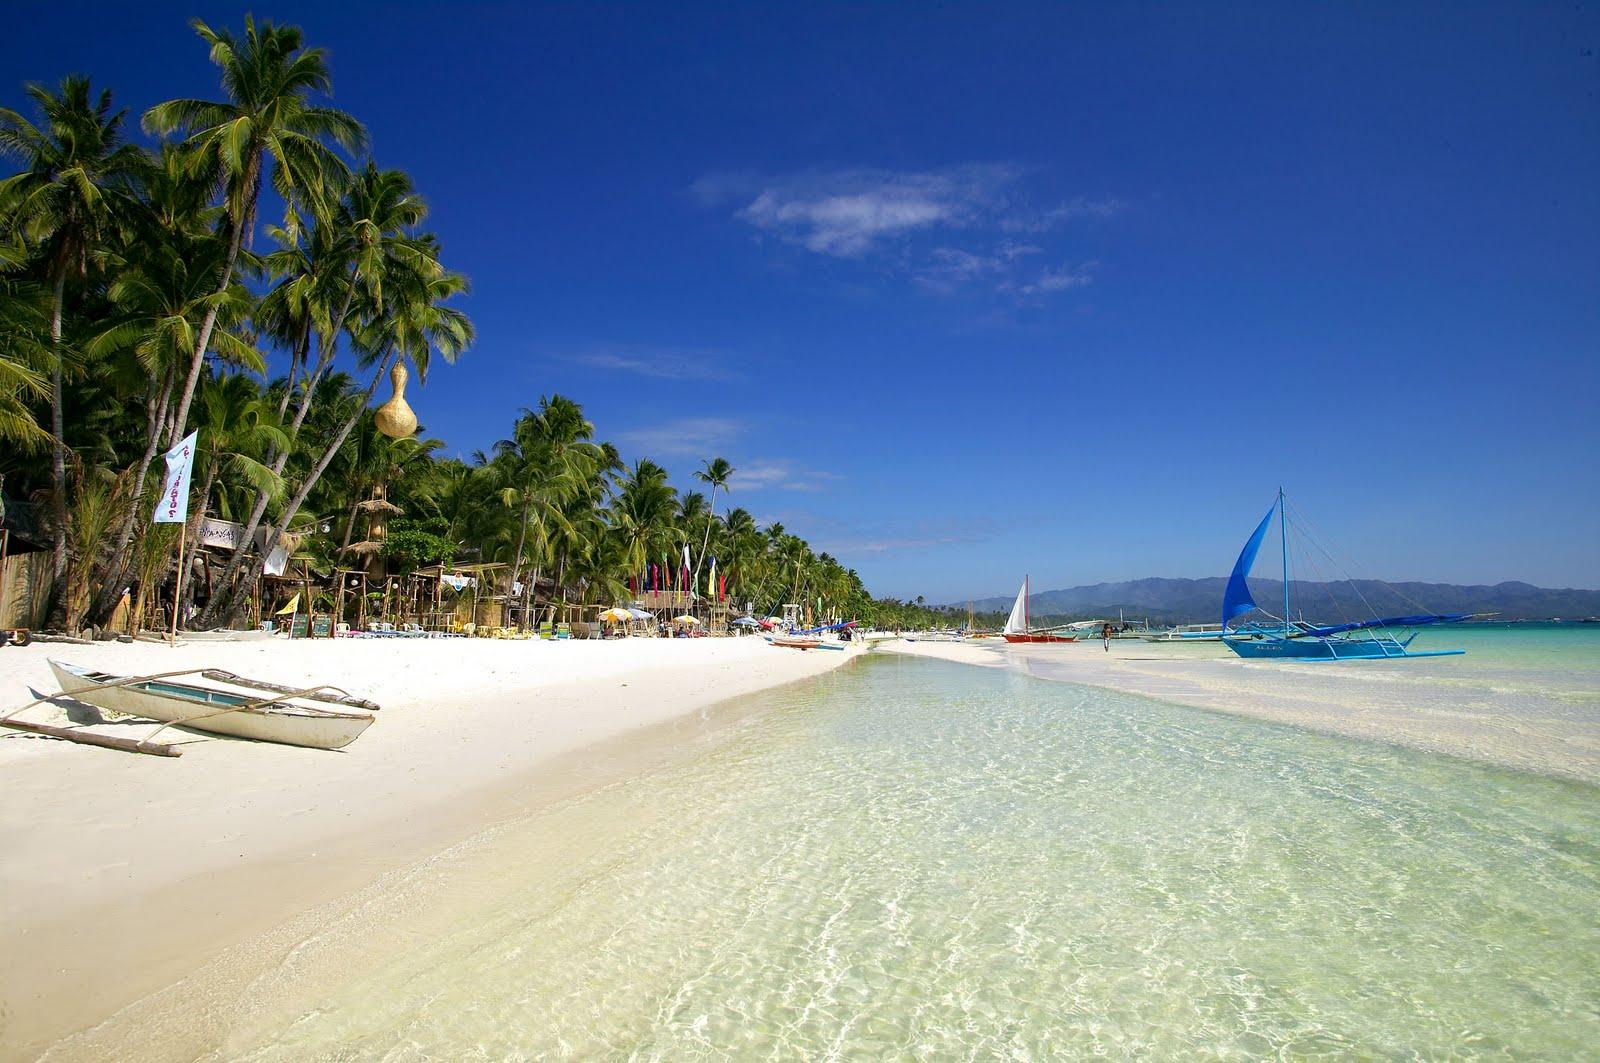 http://4.bp.blogspot.com/-LQ1kYBcXTGU/UAWO9FhjFqI/AAAAAAAAGSA/SajtDmcOtOc/s1600/philippines_boracay_beach.jpg